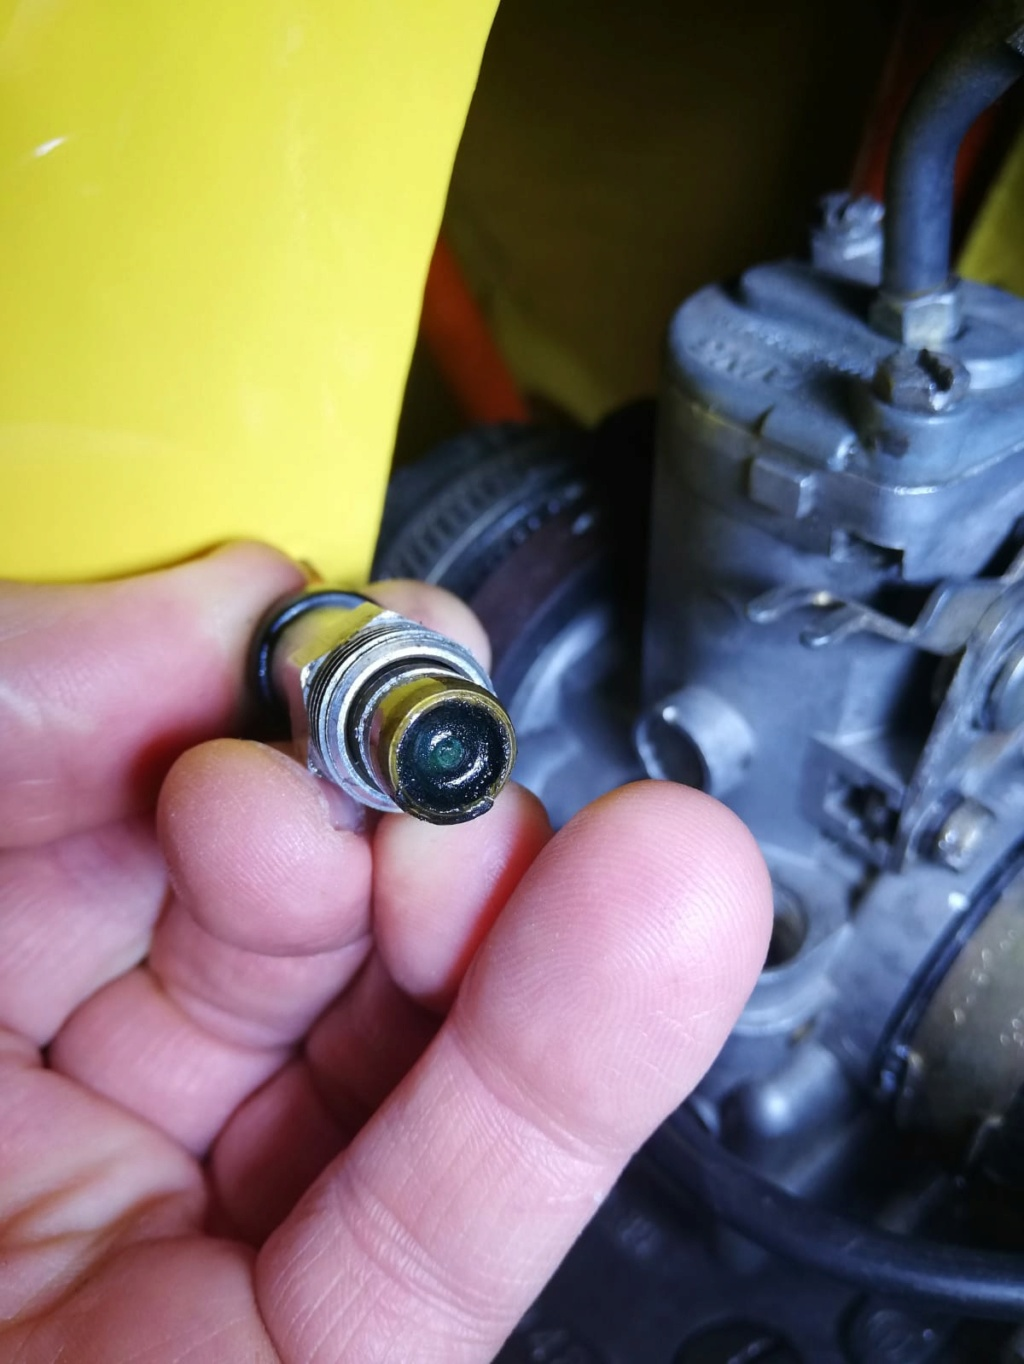 Ajuste de Carburador Bing 84-28 Carbur12